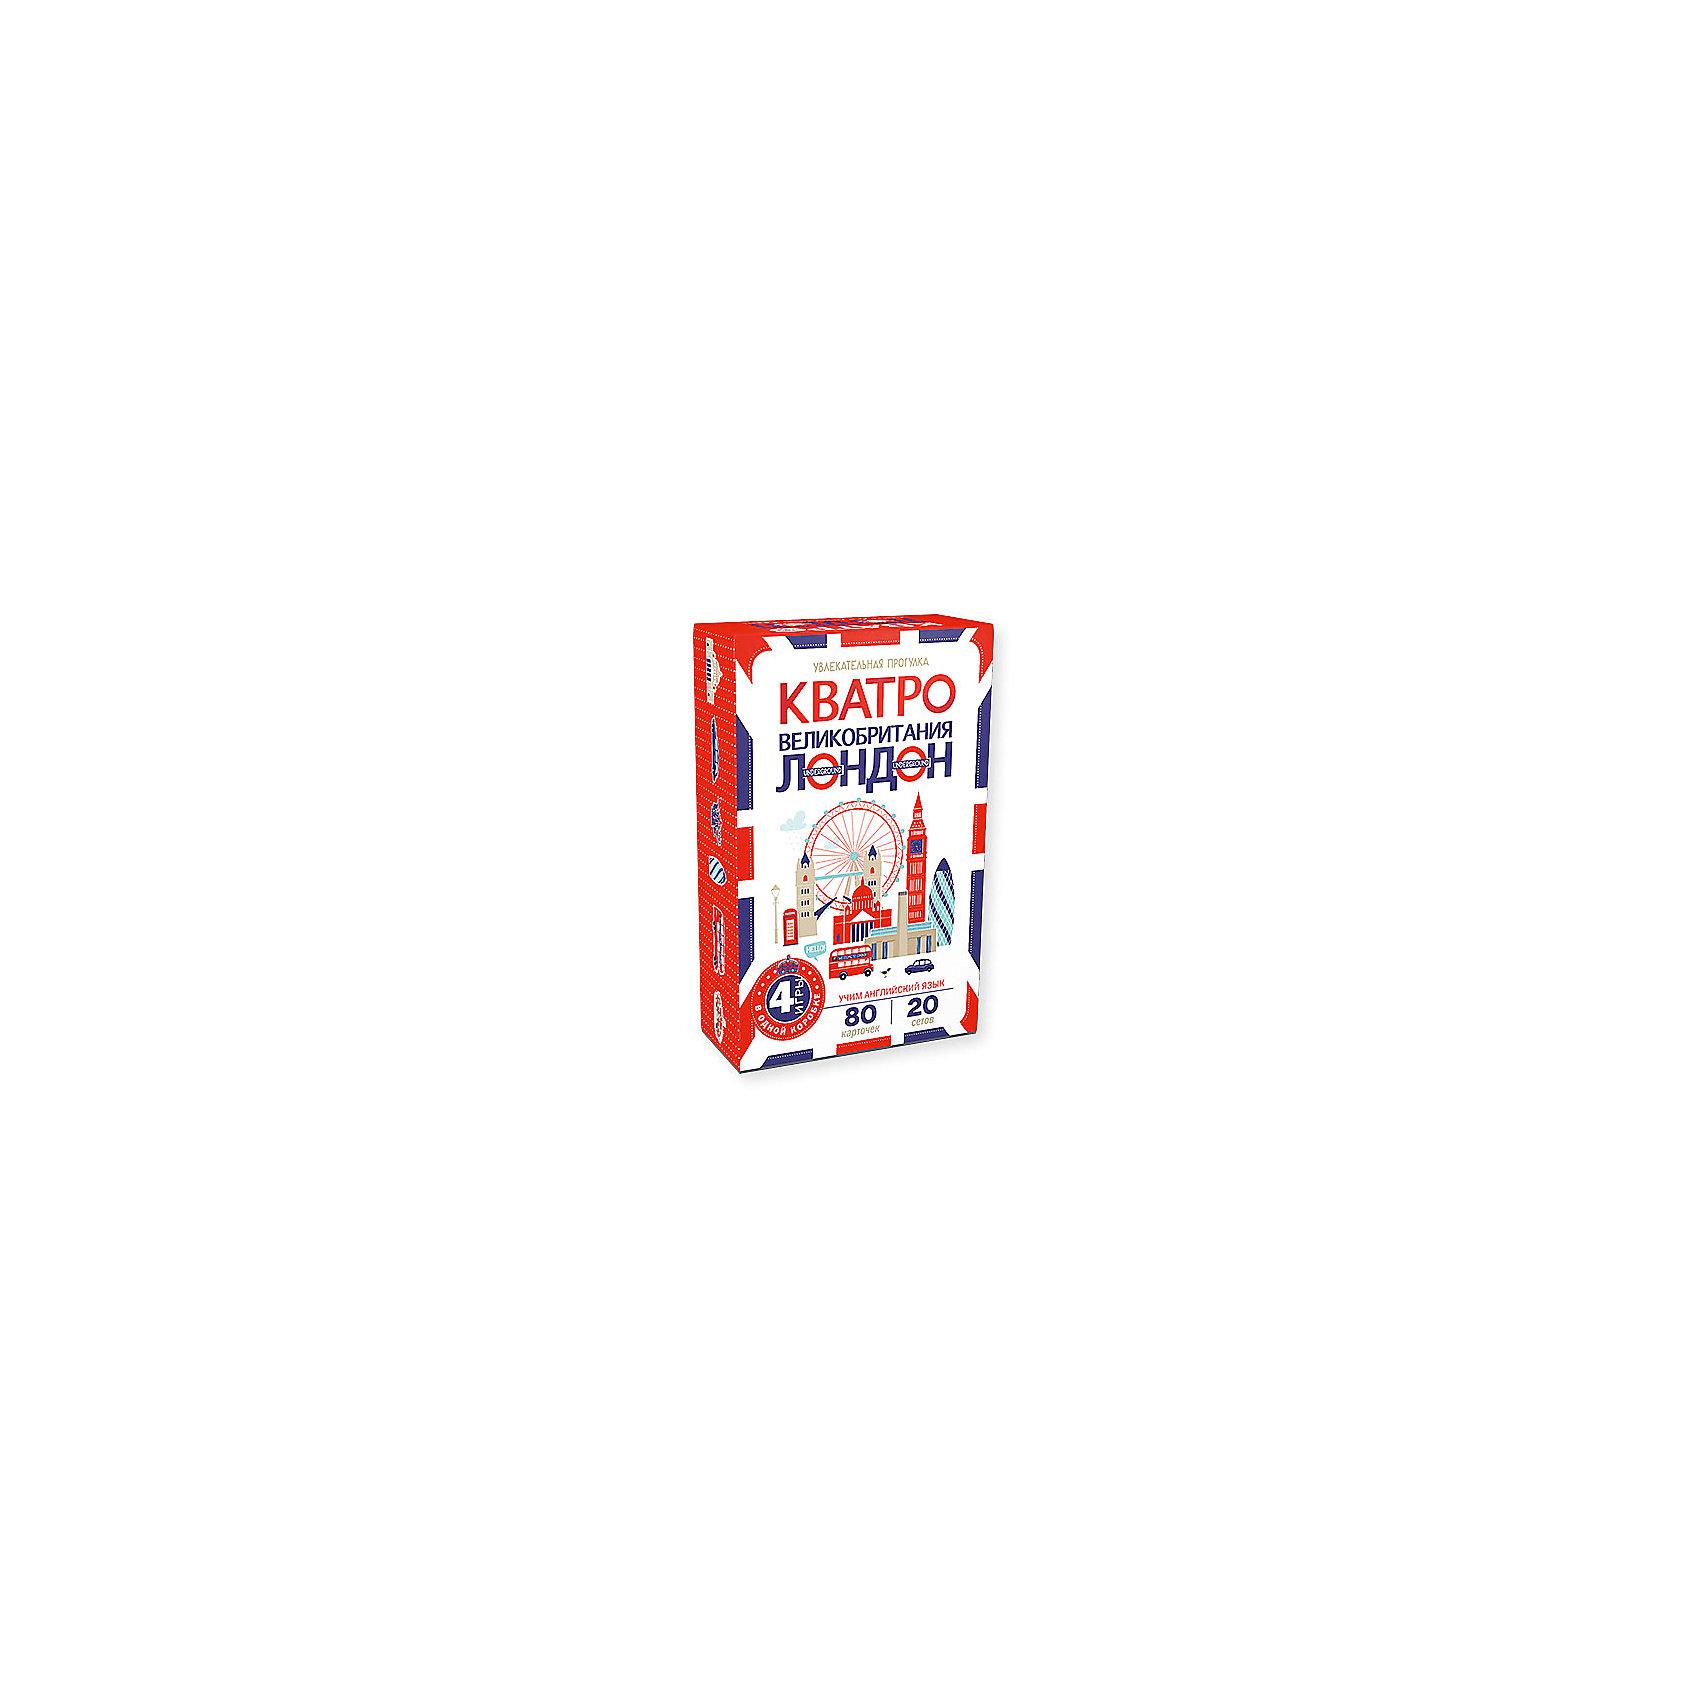 Игра Кватро. Великобритания. ЛондонРазвивающие игры<br>Характеристики:<br><br>• Вид игр: обучающие, развивающие<br>• Серия: Настольные игры<br>• Пол: универсальный<br>• Количество игроков: до 6-ти человек<br>• Длительность сеанса: до 60 минут<br>• Материал: мелованная бумага, картон, пластик<br>• Комплектация: 20 сетов, 80 карточек, 5 разделов, инструкция с правилами игры<br>• Размеры упаковки (Д*Ш*В): 18*5*11,6 см<br>• Тип упаковки: картонная коробка<br>• Вес в упаковке: 301 г<br><br>Игра Кватро. Великобритания. Лондон выпущена отечественным издательством Clever, которое специализируется на выпуске обучающей и развивающей детской литературы. Настольная игра  предназначена для веселого времяпрепровождения от одного до 6-ти человек, при этом играть в нее могут как дети, так и взрослые. Игра состоит из карточек с изображением реалий, персоналий и достопримечательностей Лондона. Все надписи выполнены на двух языках: русском и английском. <br><br>Задача игроков заключается в том, чтобы выполнить задания согласно инструкции. Карты выполнены из мелованной бумаги, изображения и надписи выполнены устойчивыми красками, благодаря чему игра прослужит длительное время. Игра Кватро. Великобритания. Лондон направлена на развитие общей эрудиции, изучение иностранного языка и обогащение словарного запаса. <br><br>Игру Кватро. Великобритания. Лондон можно купить в нашем интернет-магазине.<br><br>Ширина мм: 180<br>Глубина мм: 116<br>Высота мм: 5<br>Вес г: 301<br>Возраст от месяцев: 84<br>Возраст до месяцев: 132<br>Пол: Унисекс<br>Возраст: Детский<br>SKU: 5348104